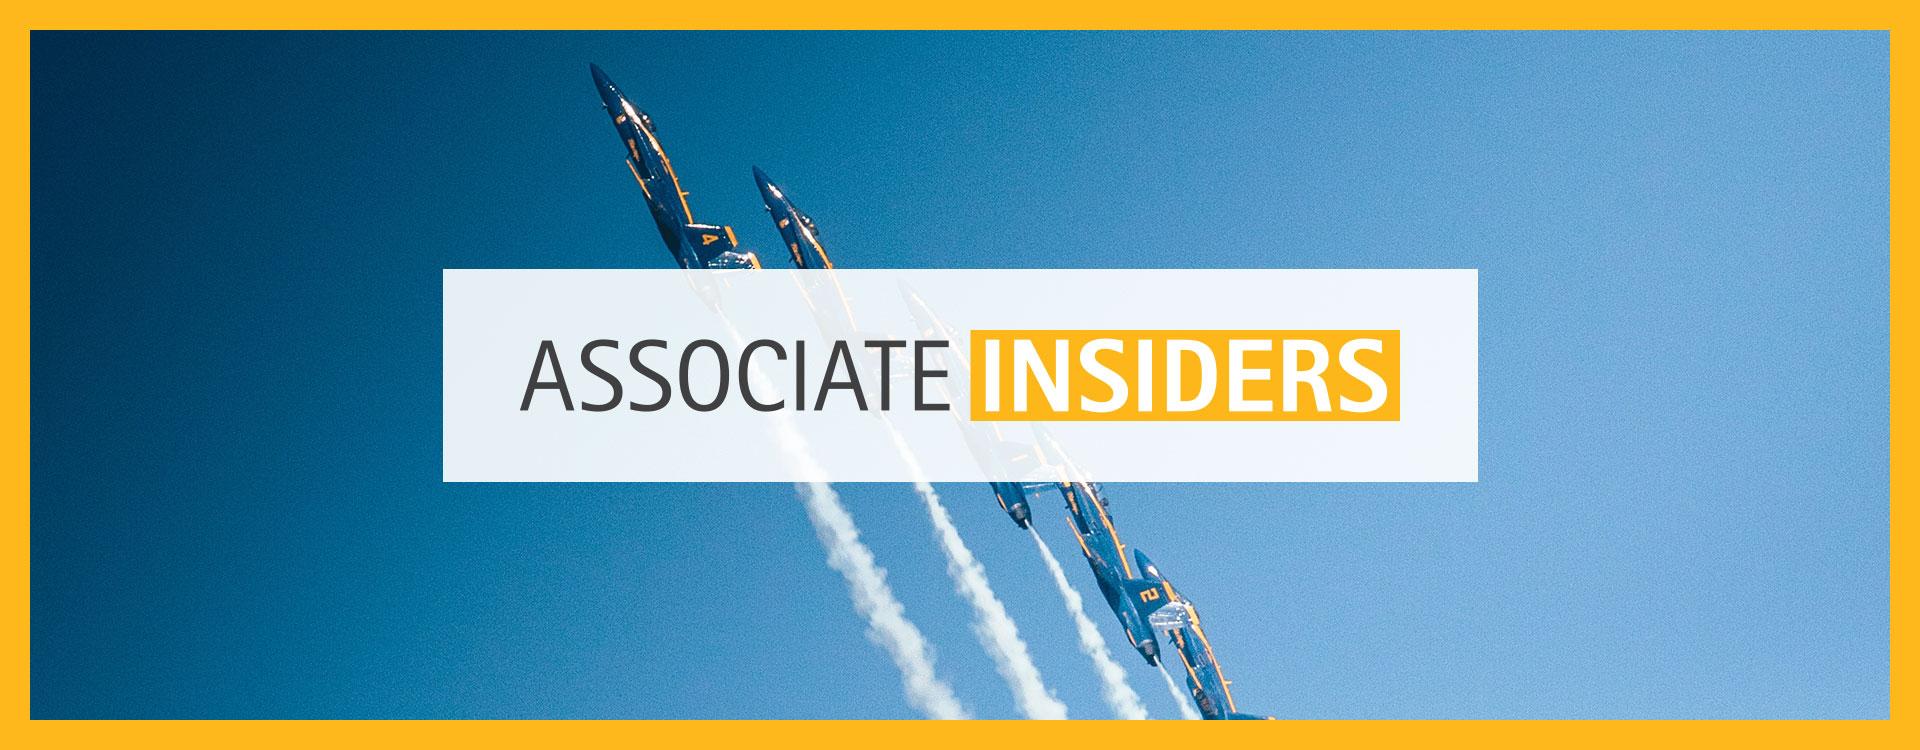 Associate-Insiders-Art-of-War-Event-Banner.jpg